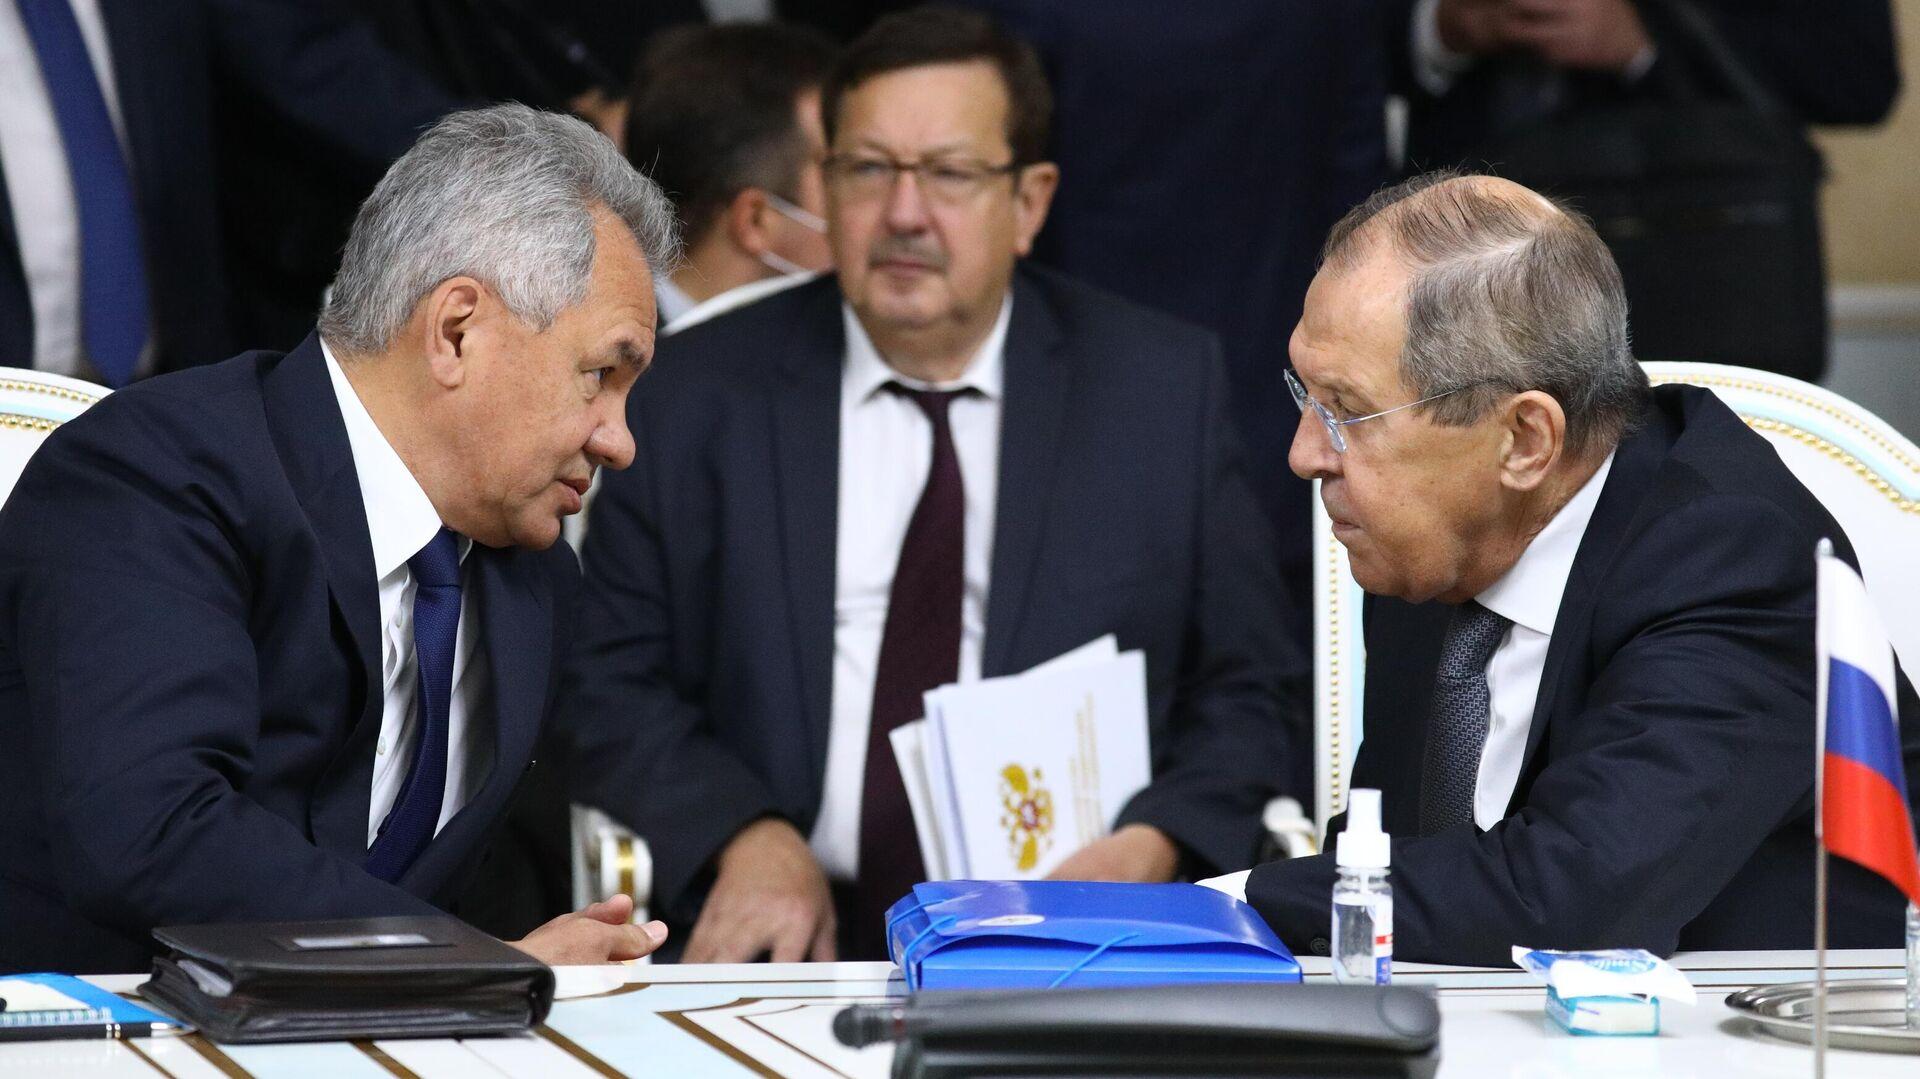 В Кремле не ответили на вопрос, пойдут ли Шойгу и Лавров в Госдуму